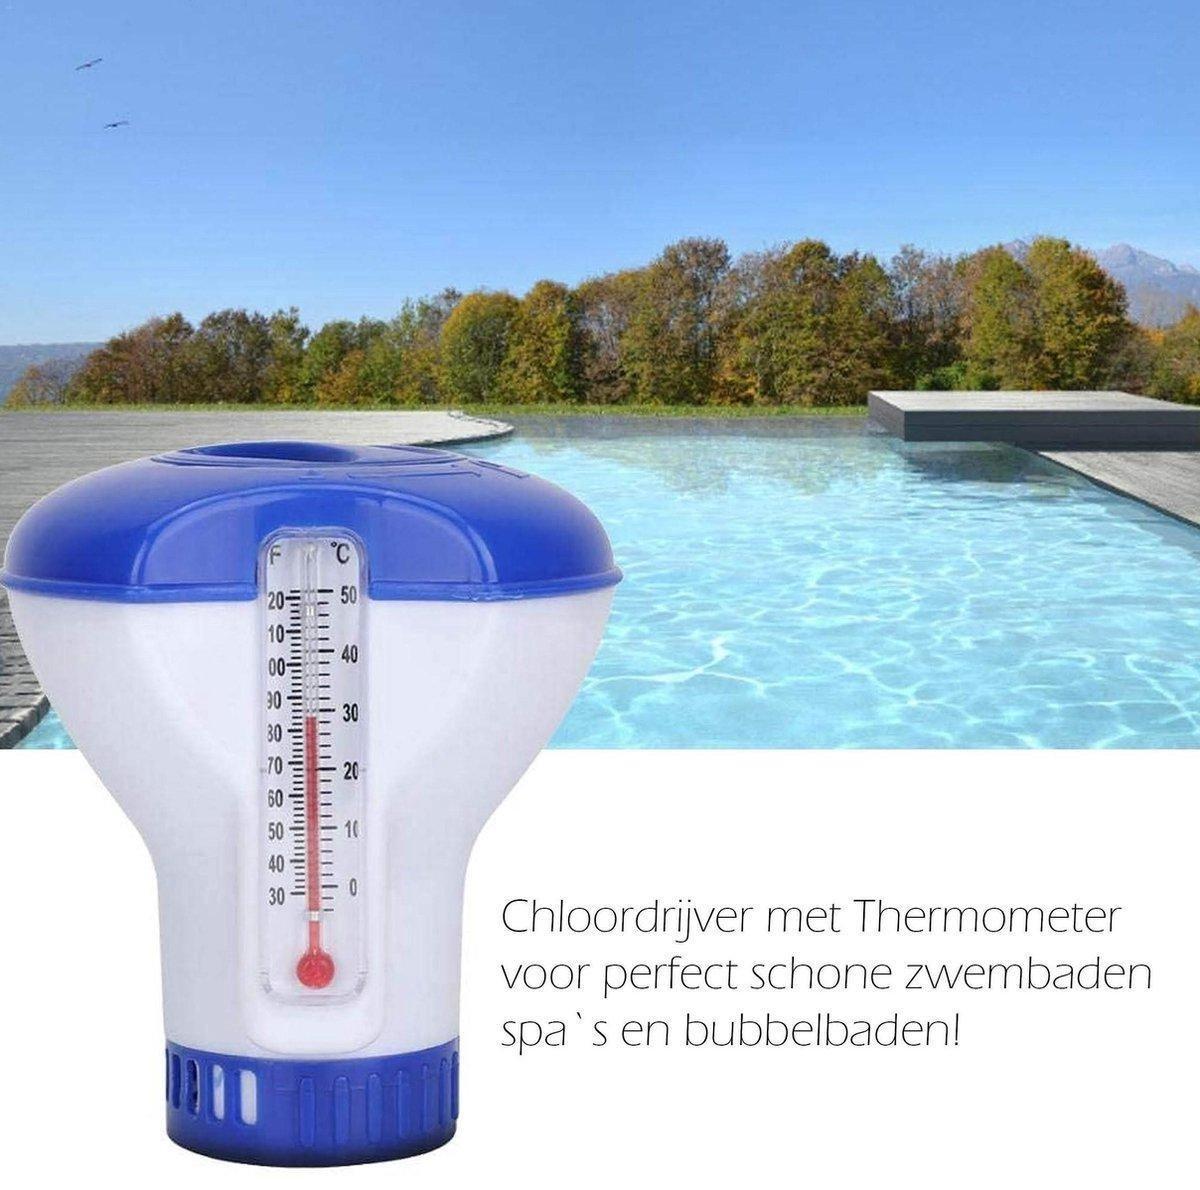 chloordrijver Dispenser - reiniging - Chloordrijver - Chloordrijver en Thermometer - jacuzzi - Chloorverdeler - opblaas zwembad - Zwembad Schoonmaak Accessoire - Thermometer - zomer - Regelbare chloordispenser